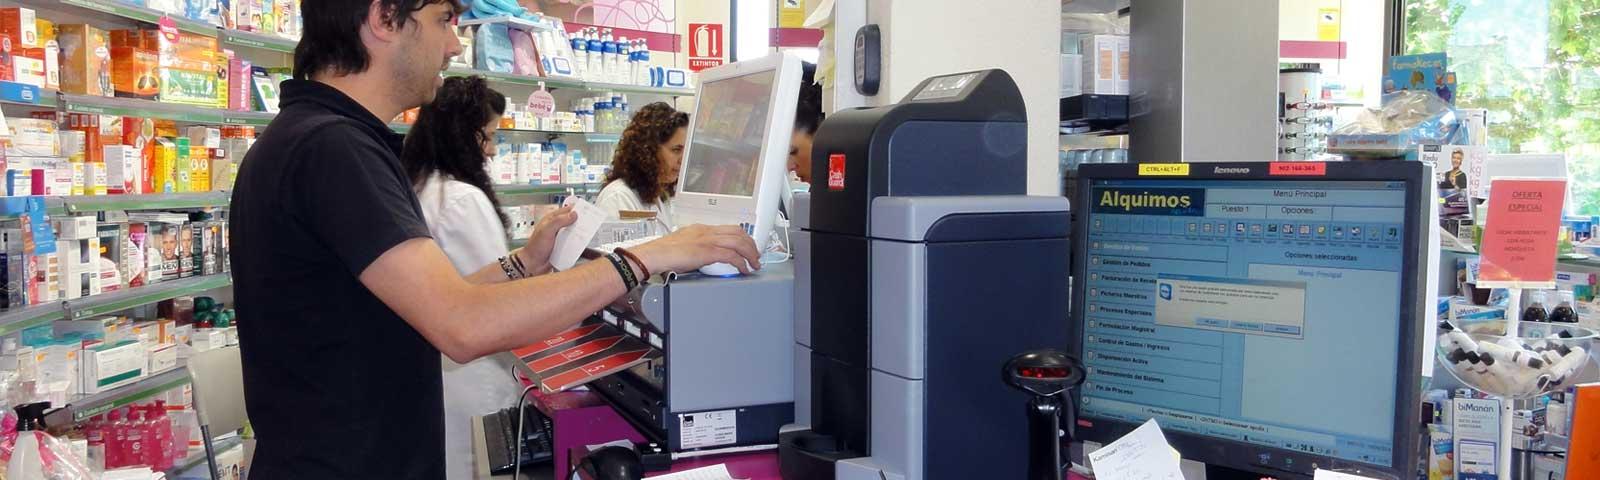 Sectores de negocio Telsystem: Farmacias